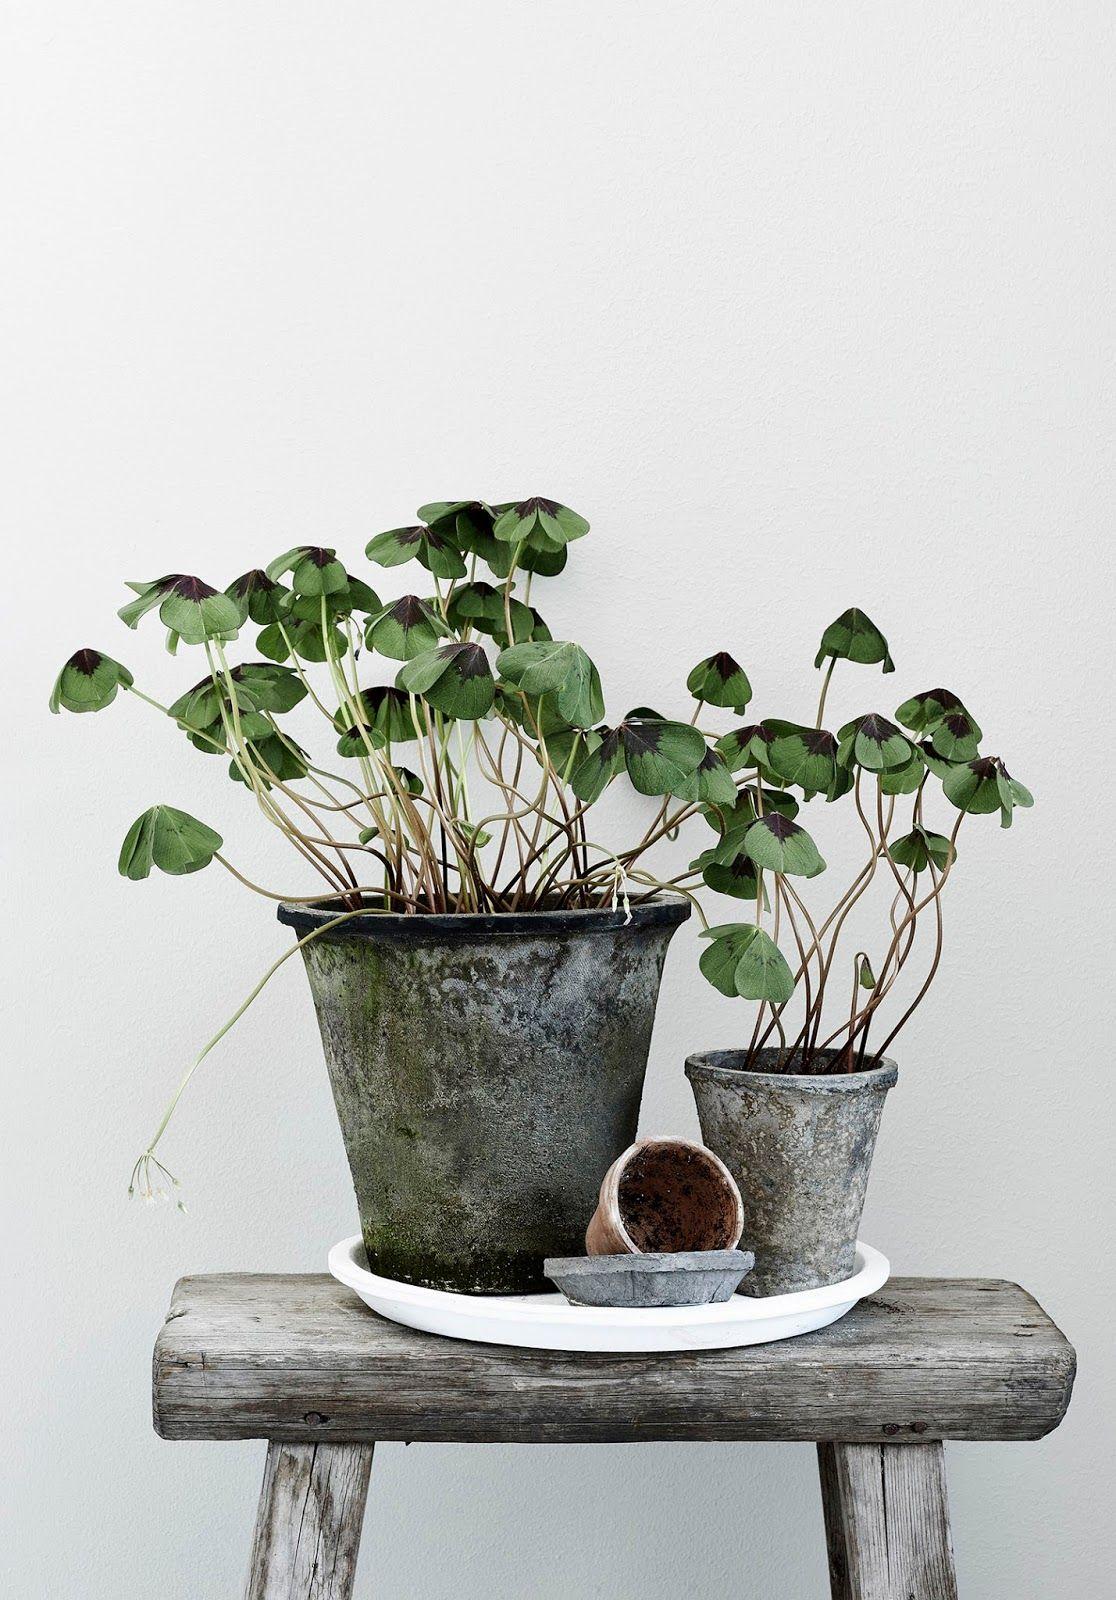 lis vihreit kuvia kirja l htee wohnen mit pflanzen. Black Bedroom Furniture Sets. Home Design Ideas